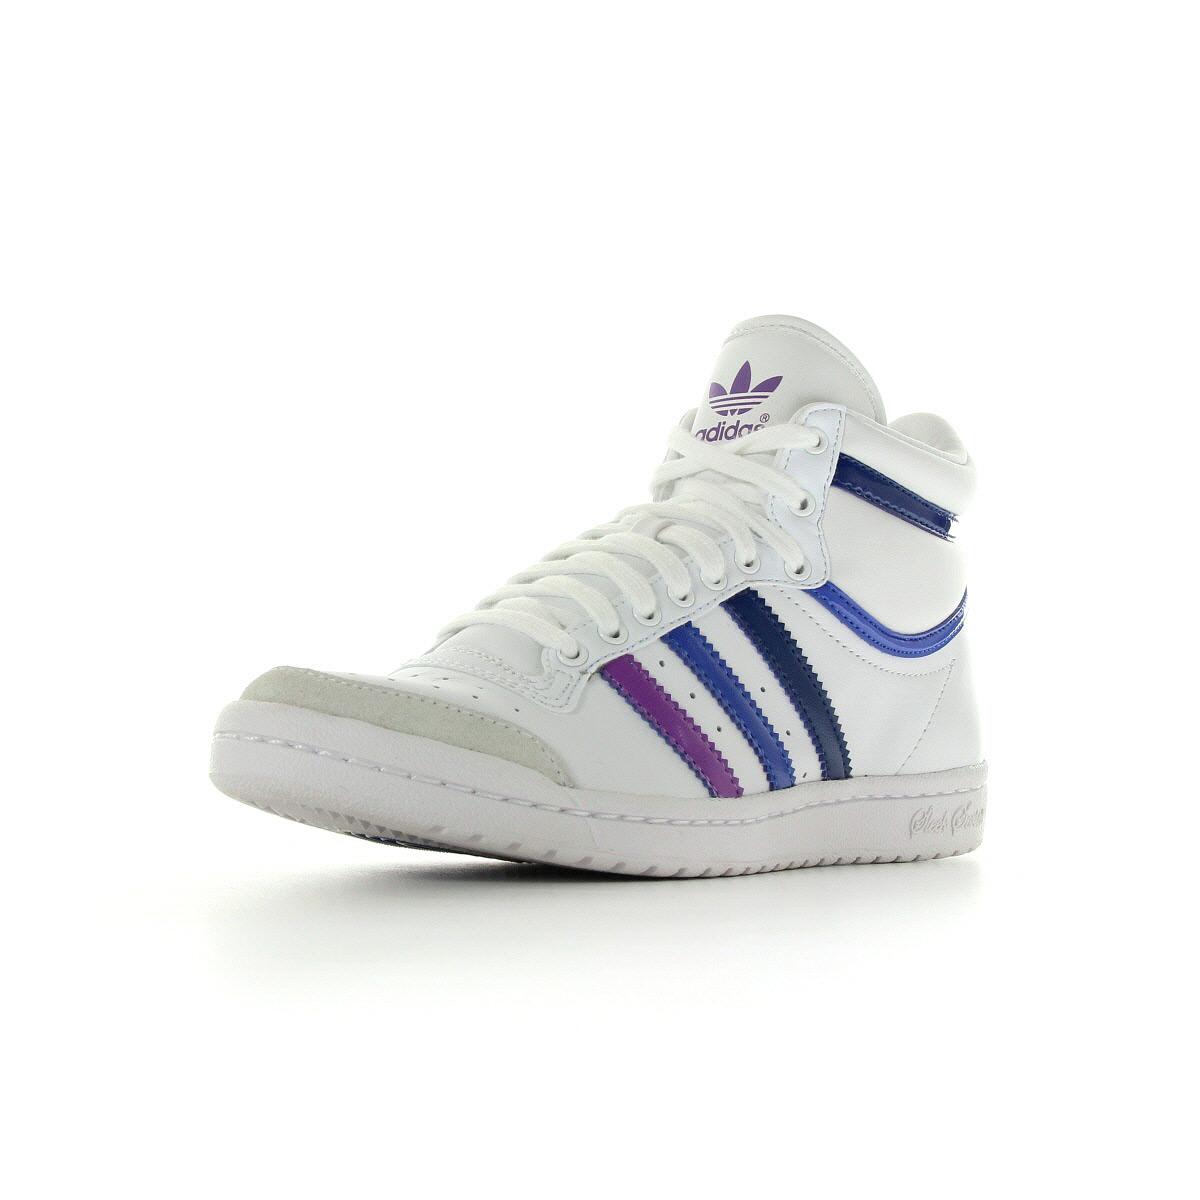 Chaussures baskets adidas femme top ten high sleek w taille blanc blanche cui - Chauffeuse cuir blanc ...